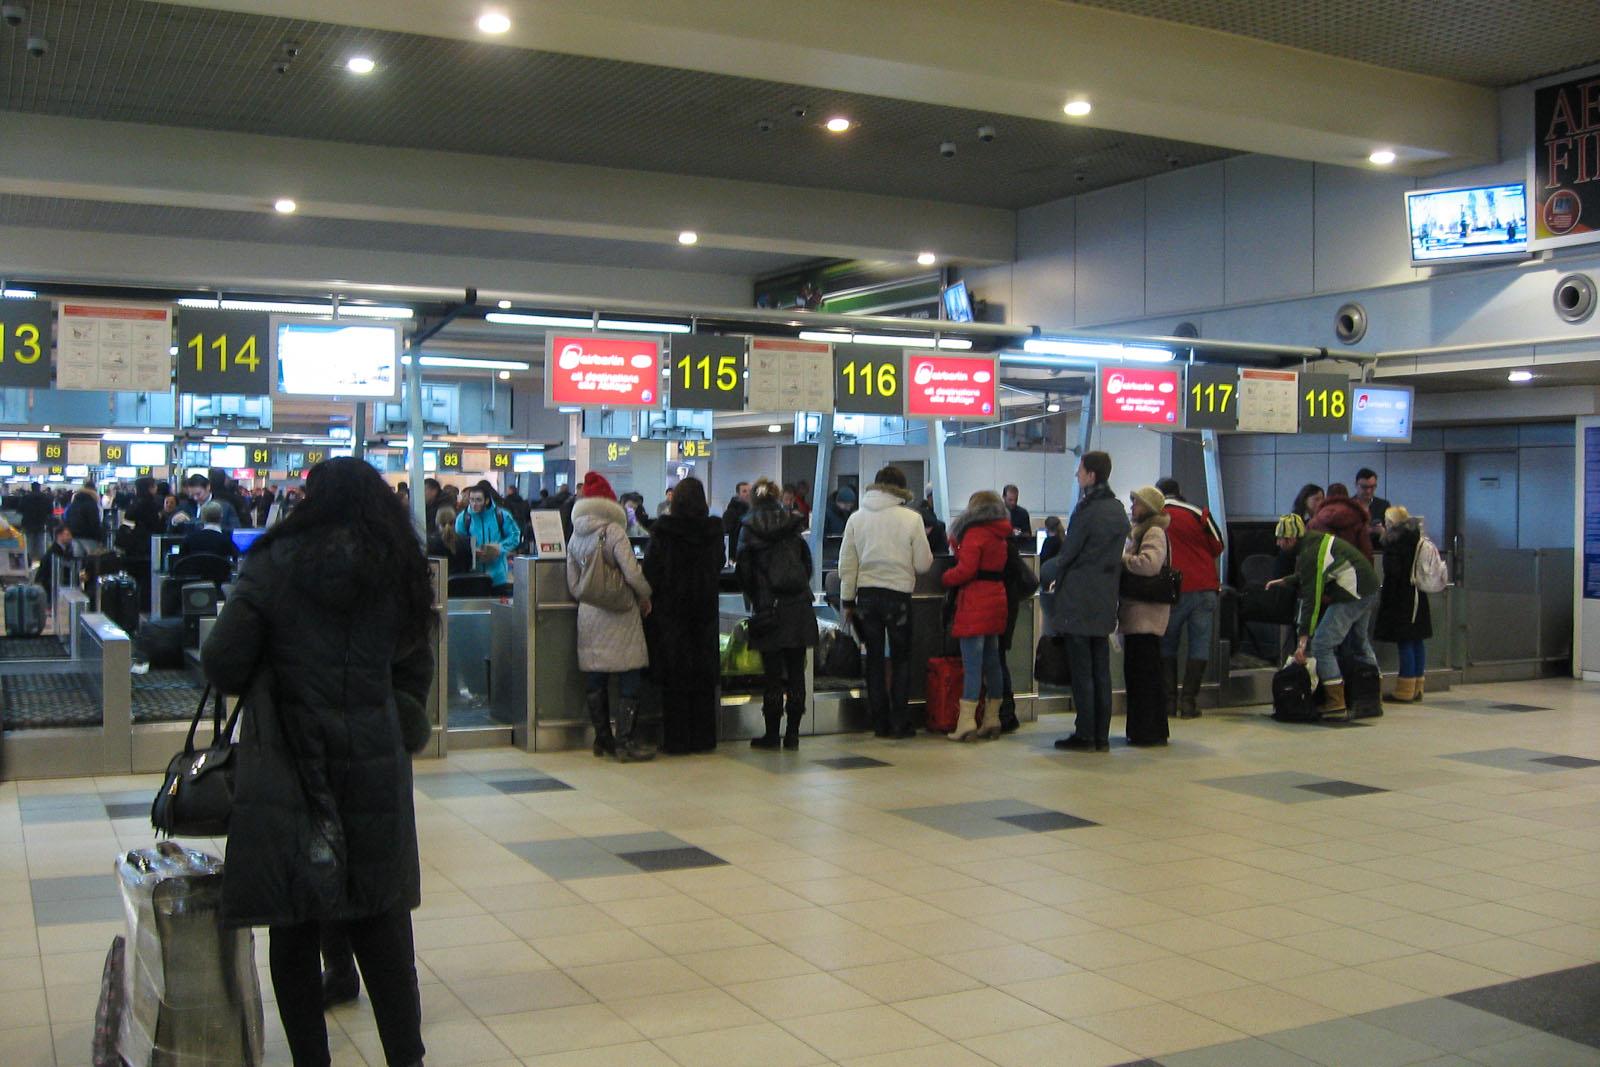 Регистрация на рейс авиакомпании Niki в аэропорту Домодедово